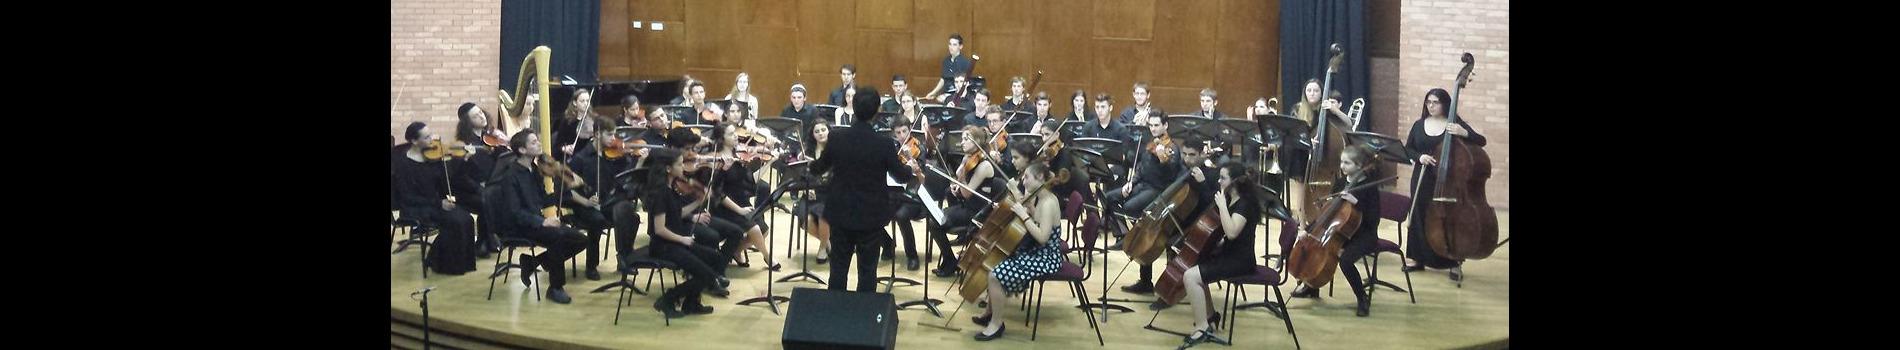 התזמורת הסימפונית היצוגית